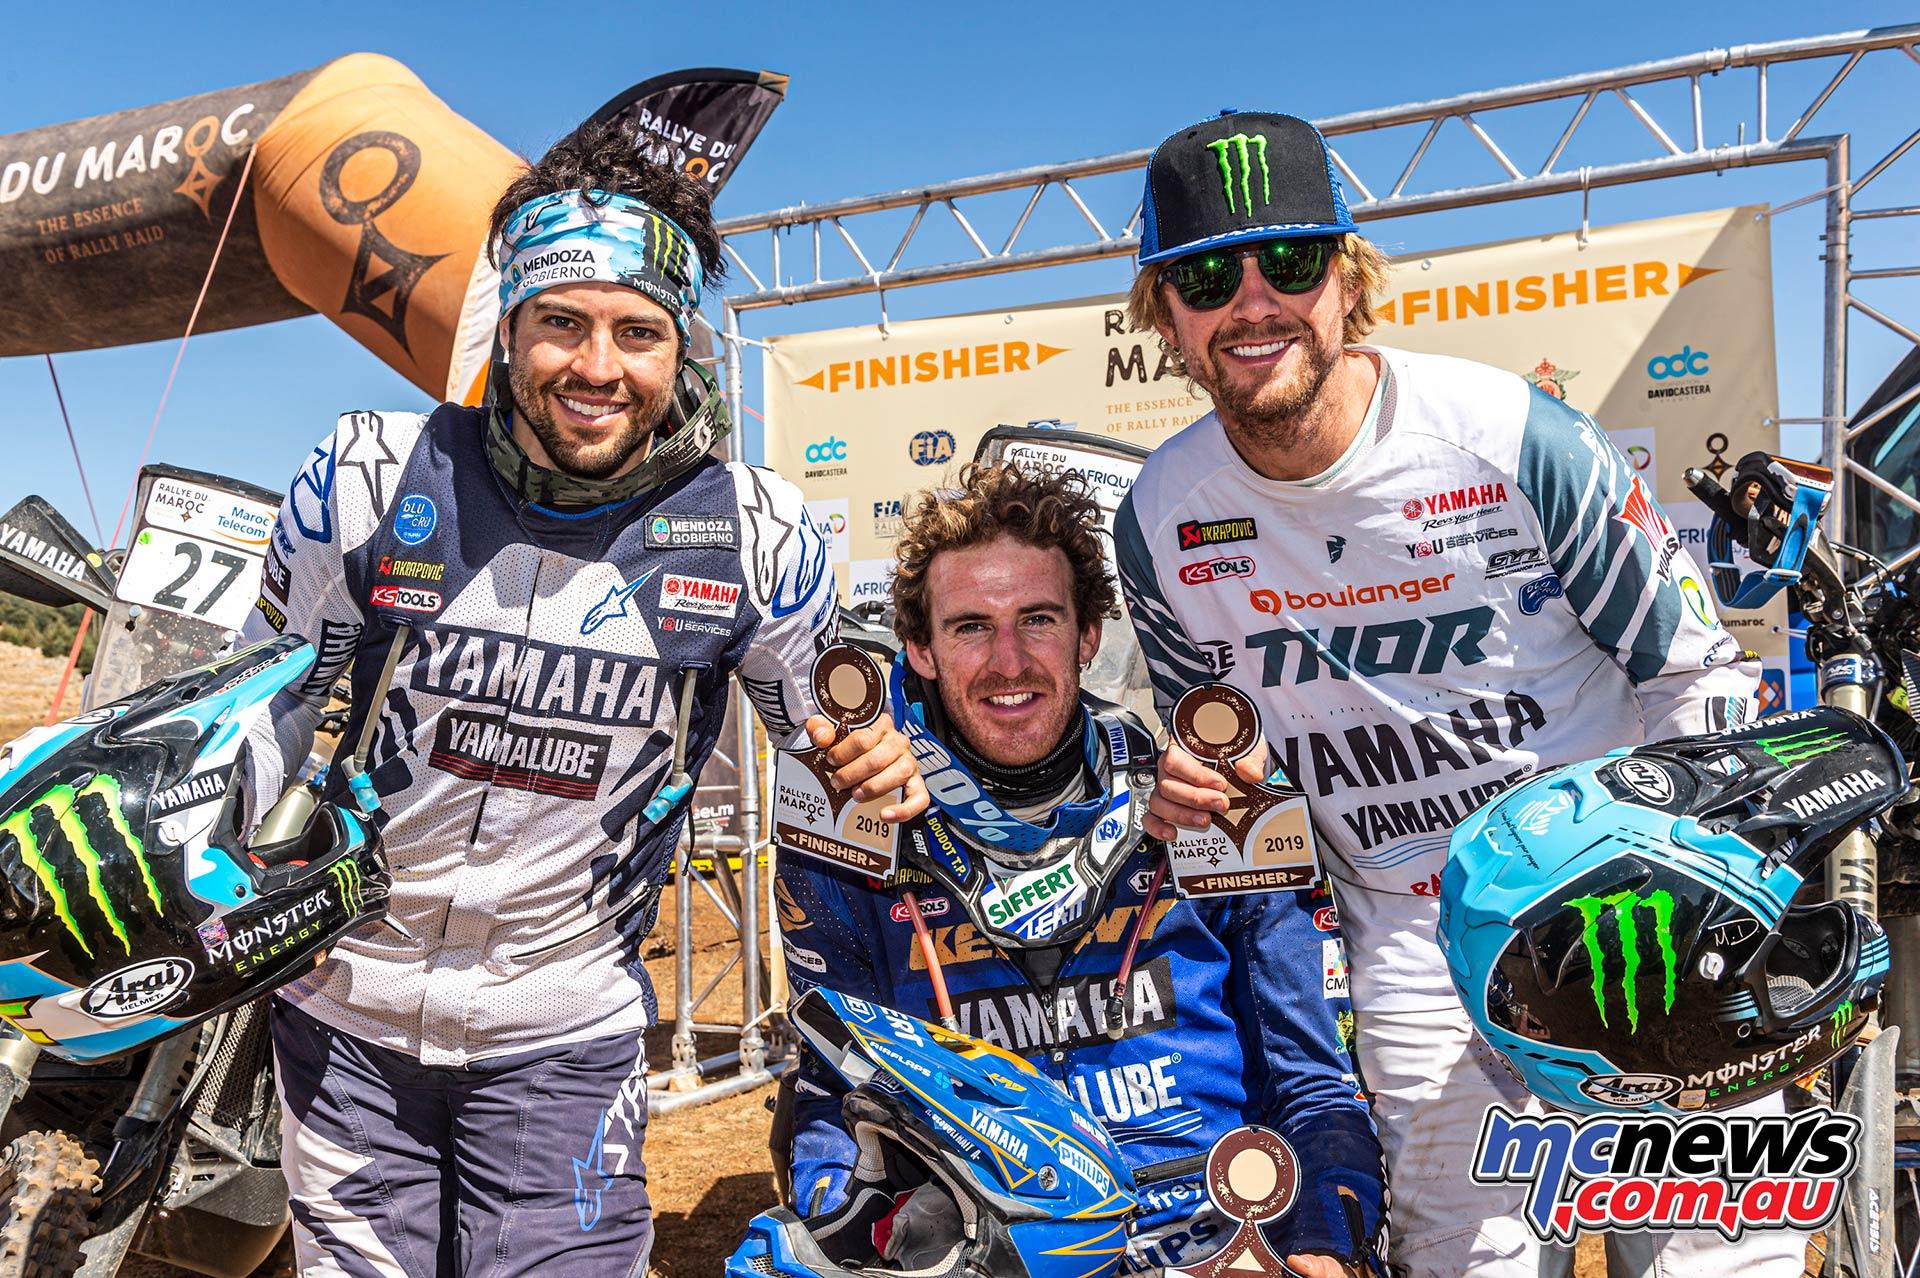 Rallye du Maroc Yamaha